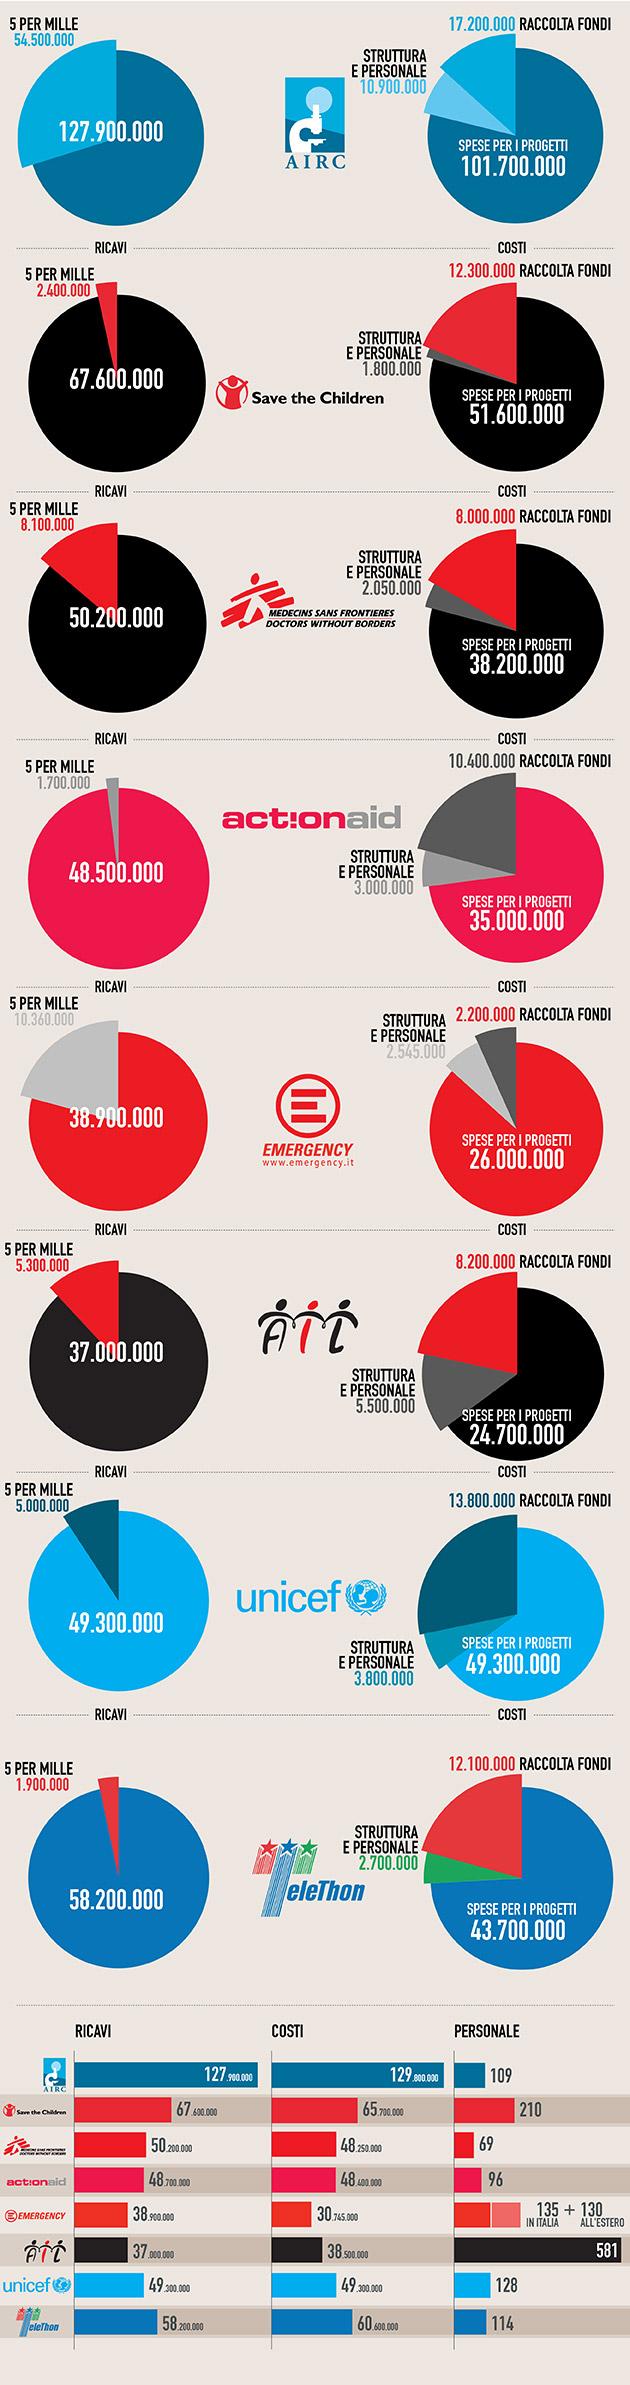 infografica-2016-02-02-01-light (1)